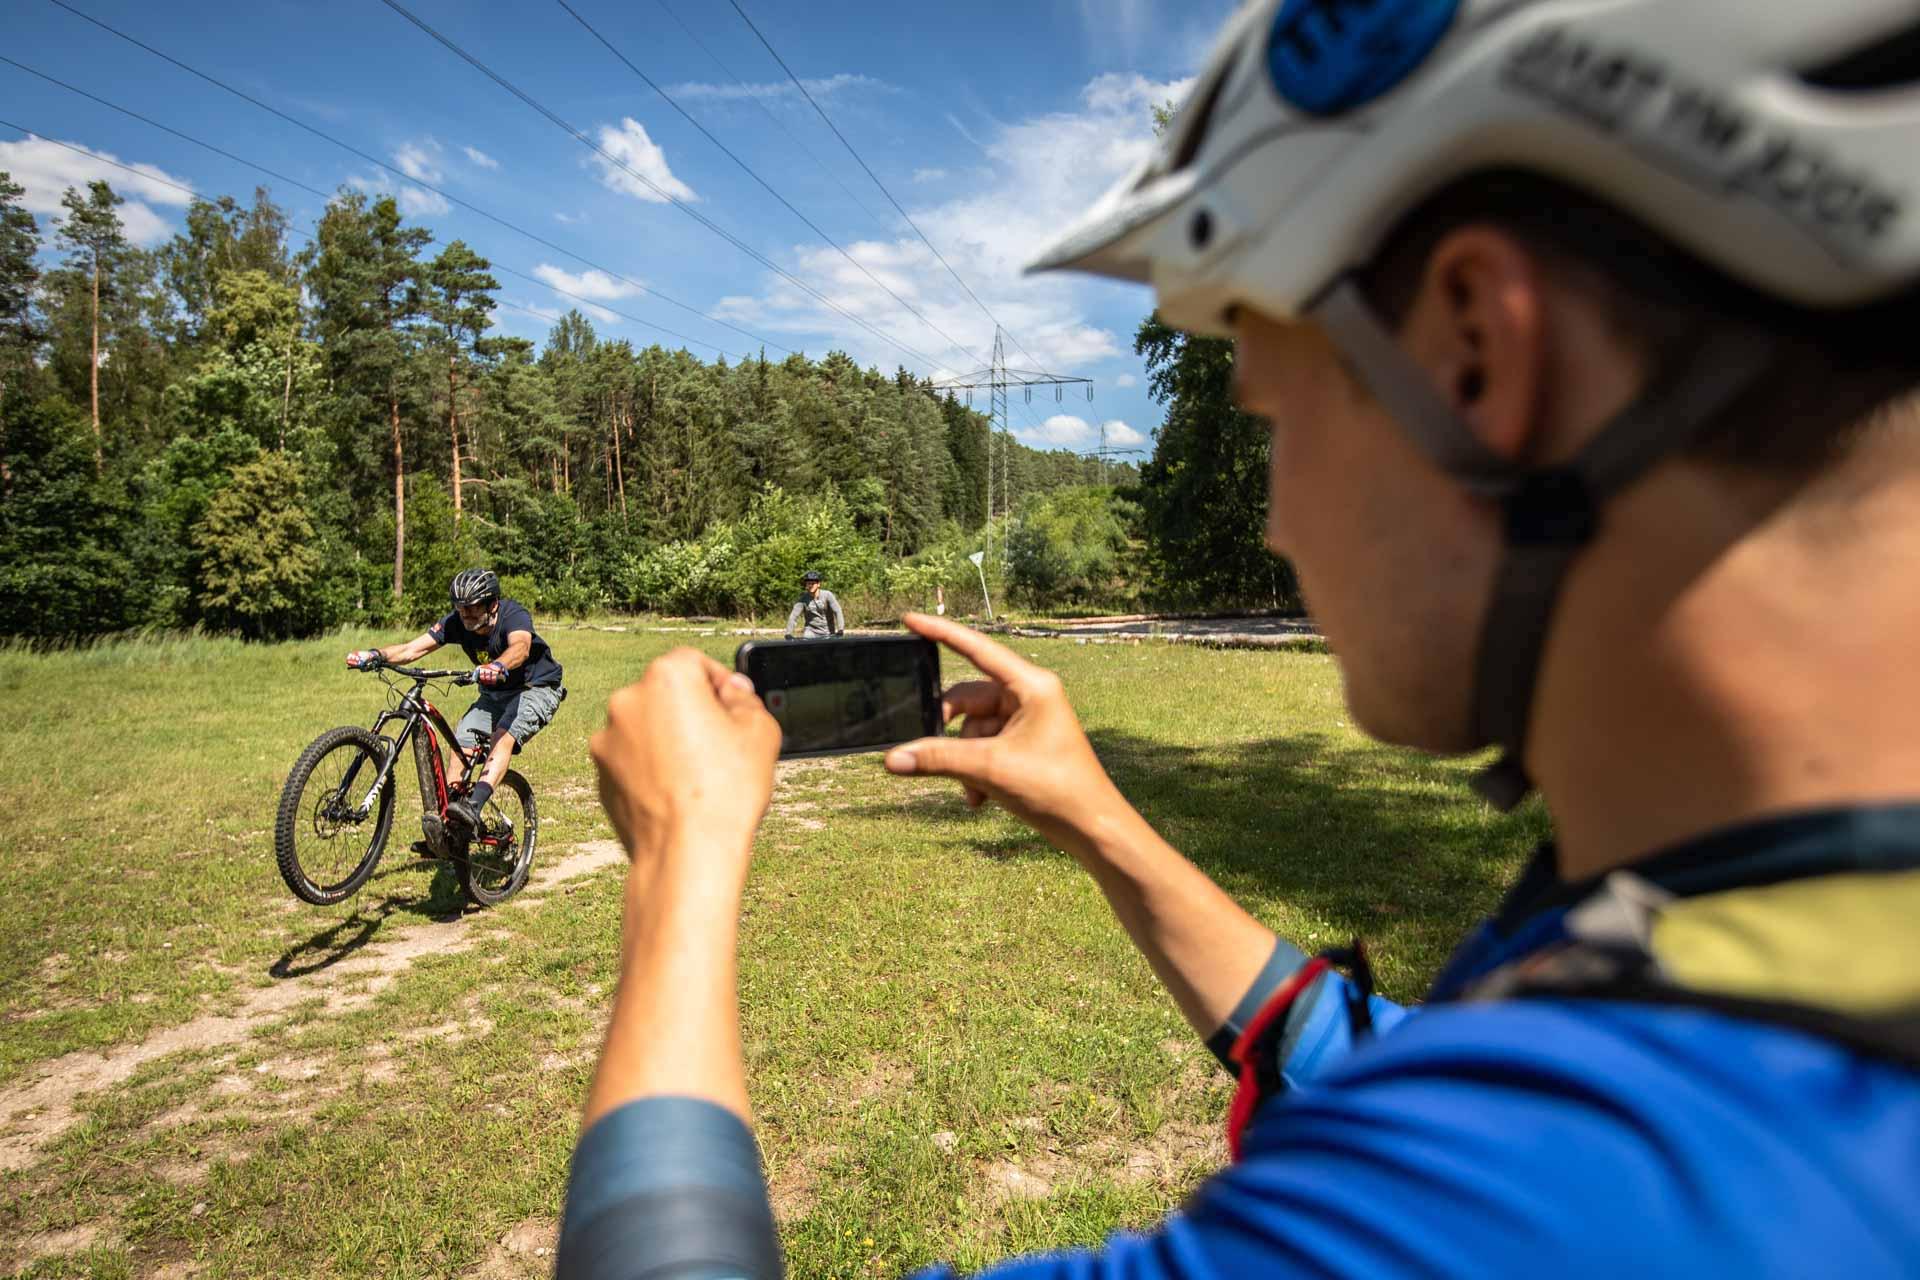 eMTB Fortgeschritten Fahrtechnik Kurs Nagold - eBike Training - Rock my Trail - Einsteiger Kurs